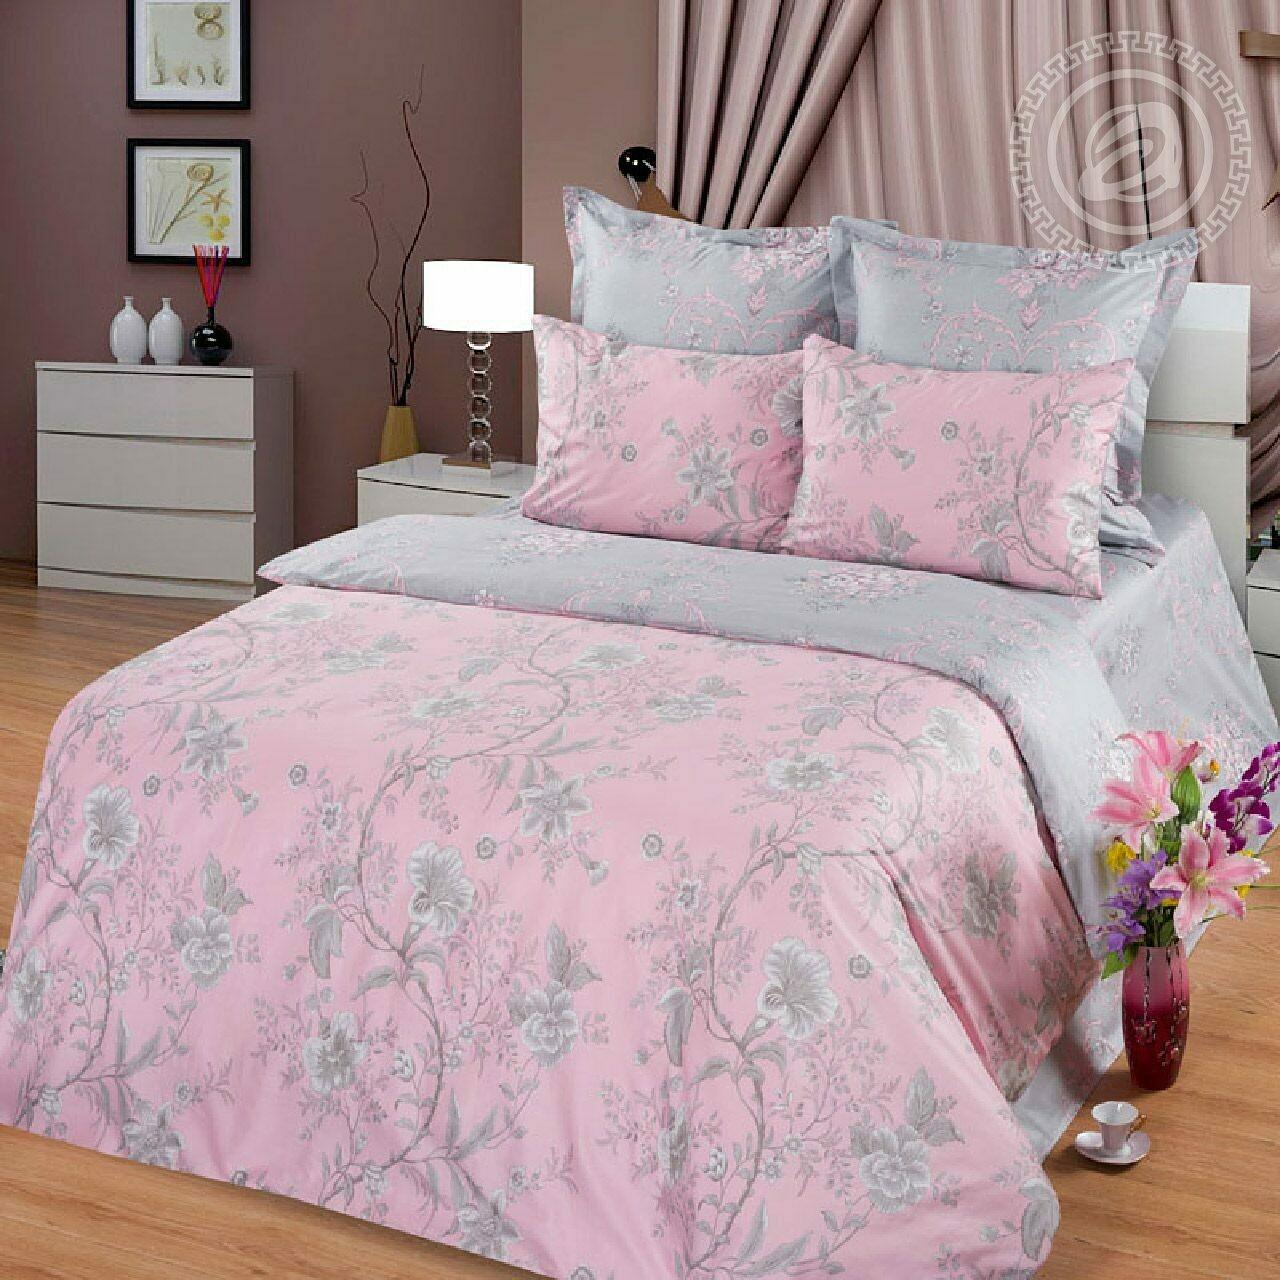 Гиацинт - Premium  (Комплекты постельного белья)